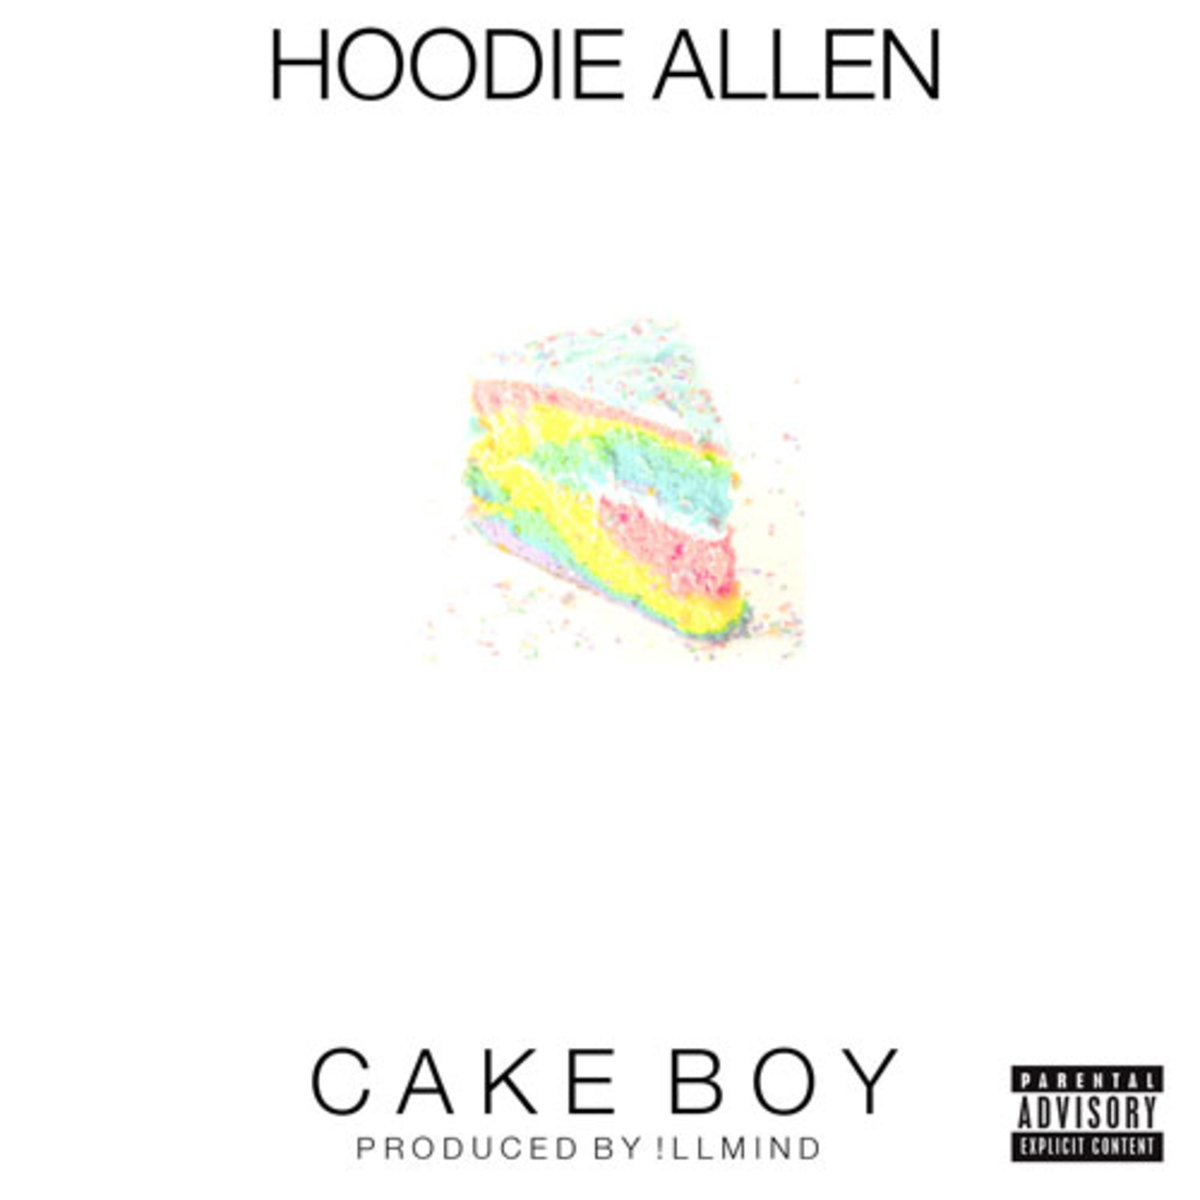 hoodieallen-cakeboy.jpg